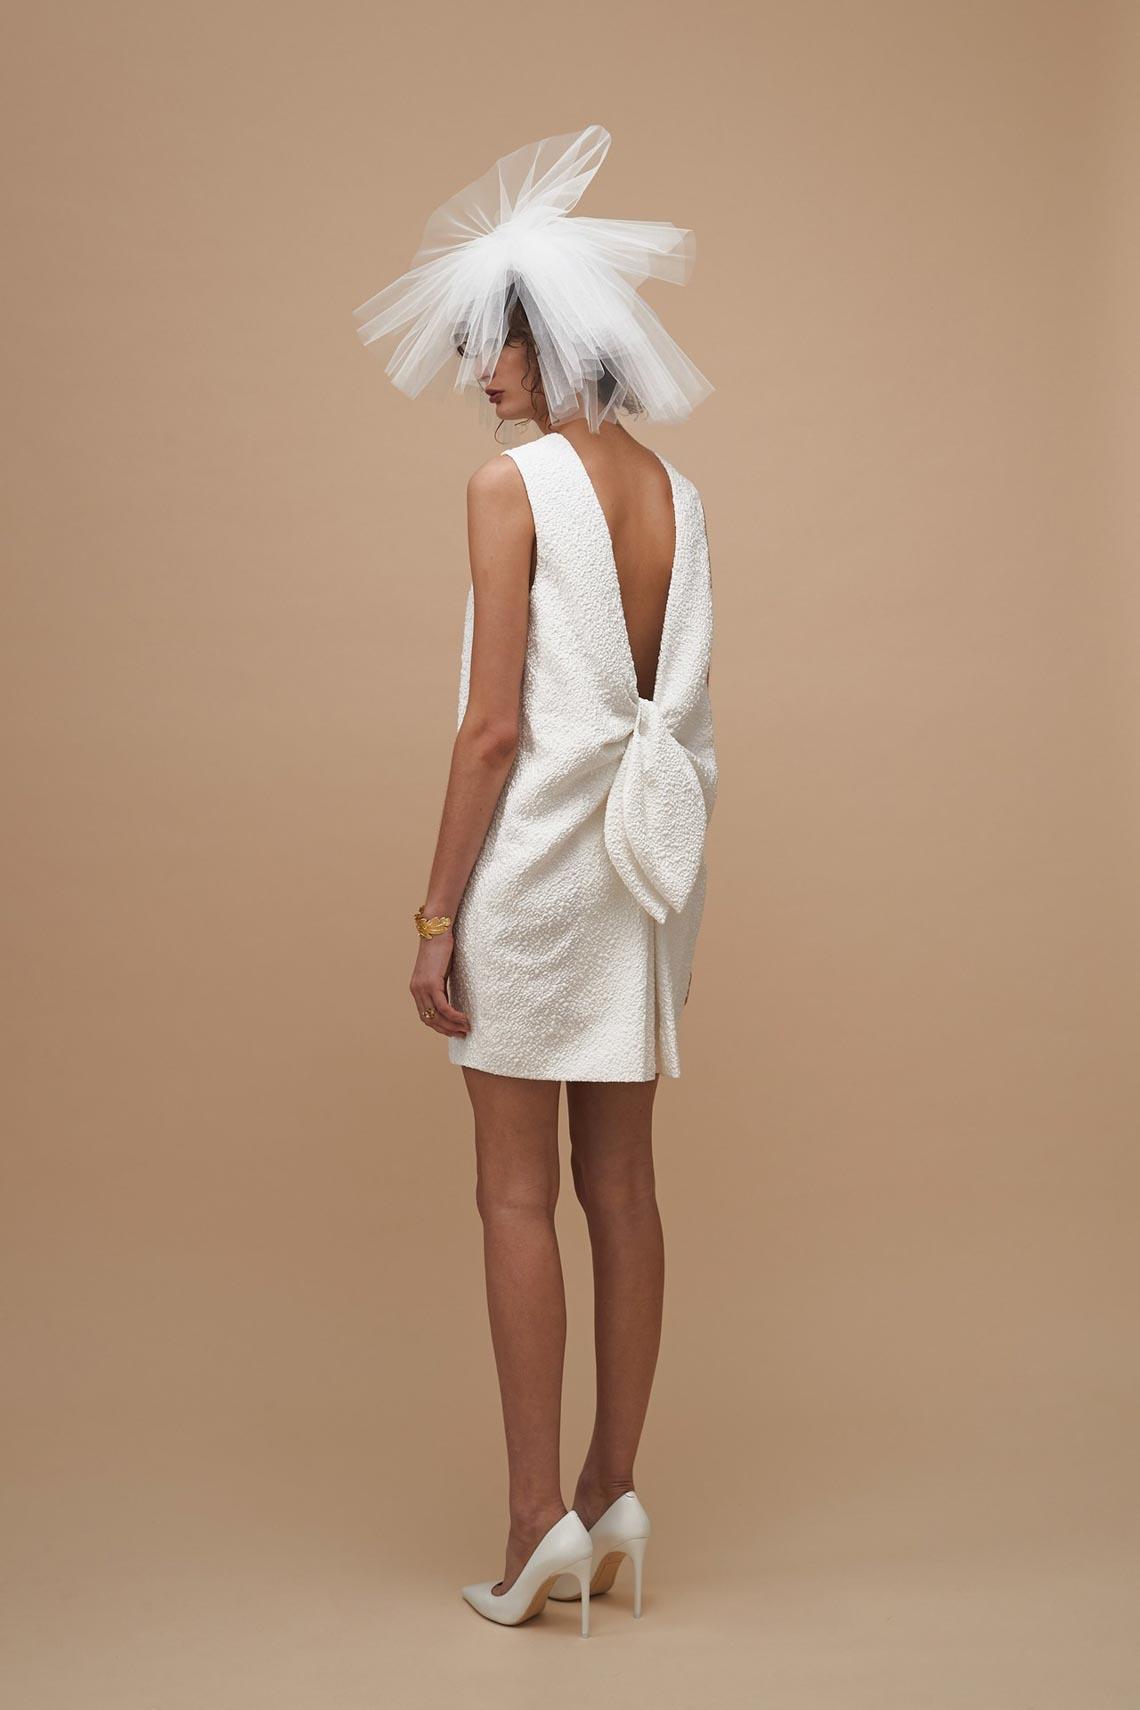 """Karen Walker sắp công bố dòng váy cưới """"sành điệu, tự tin và thực tế"""" - 1"""